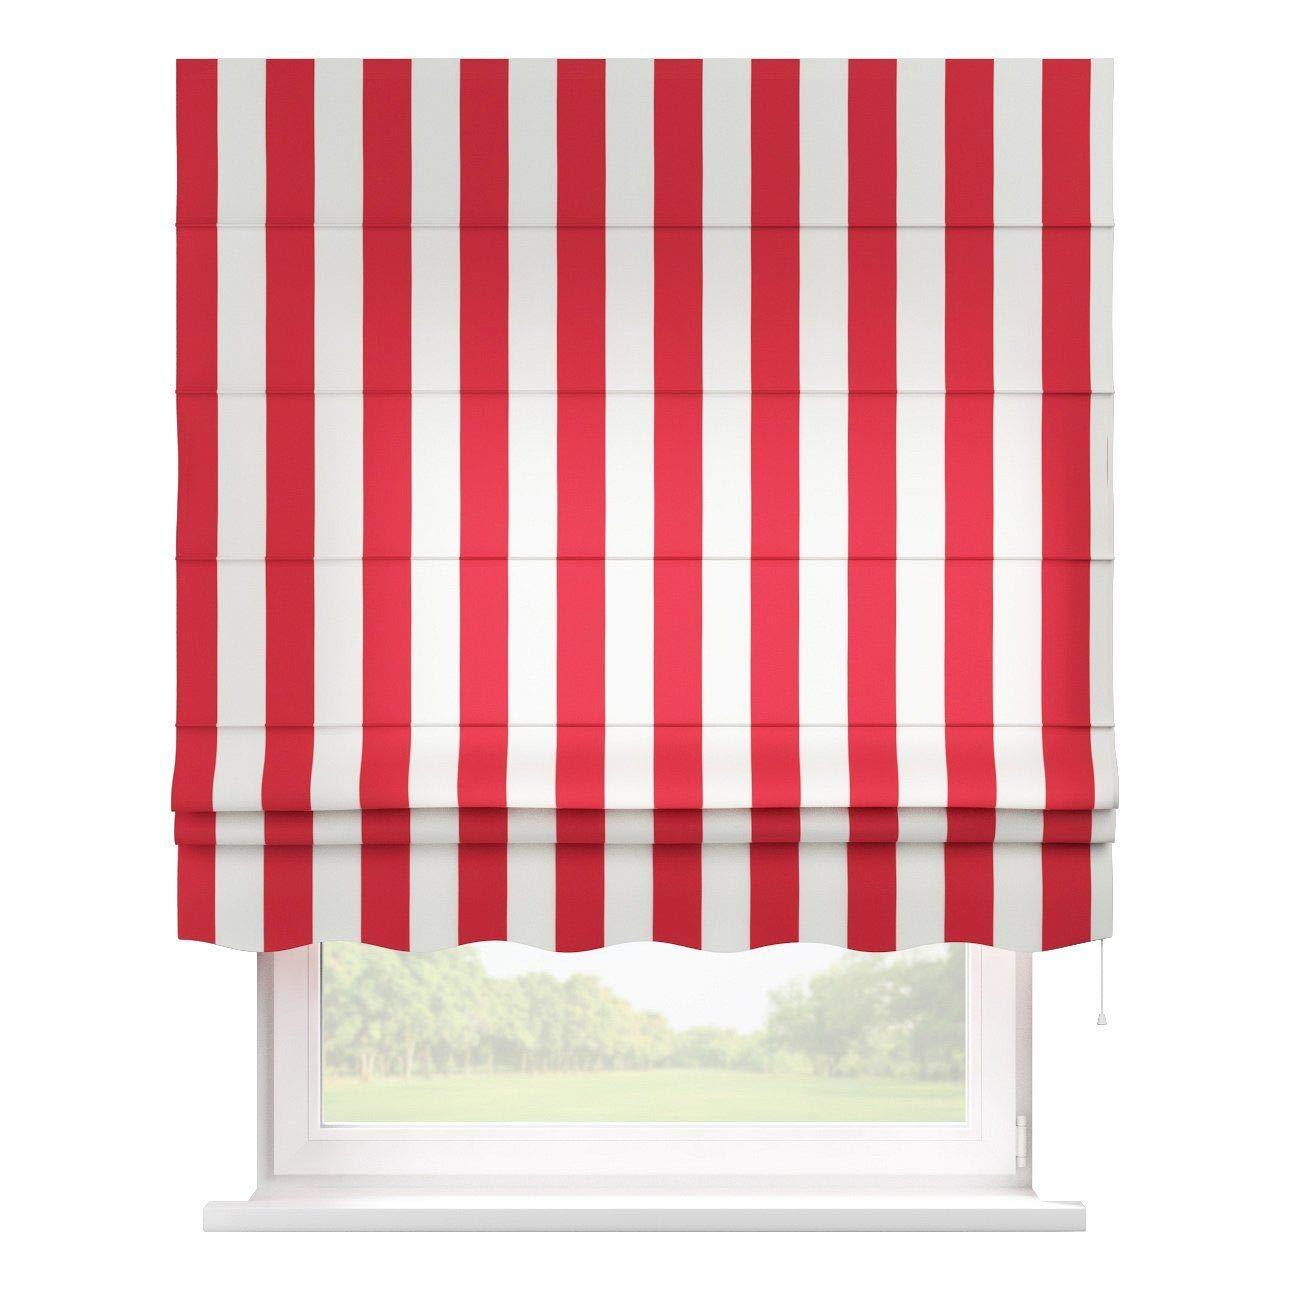 Dekoria Raffrollo Firenze ohne Bohren Blickdicht Faltvorhang Raffgardine Wohnzimmer Schlafzimmer Kinderzimmer 80 × 170 cm rot-weiß Raffrollos auf Maß maßanfertigung möglich